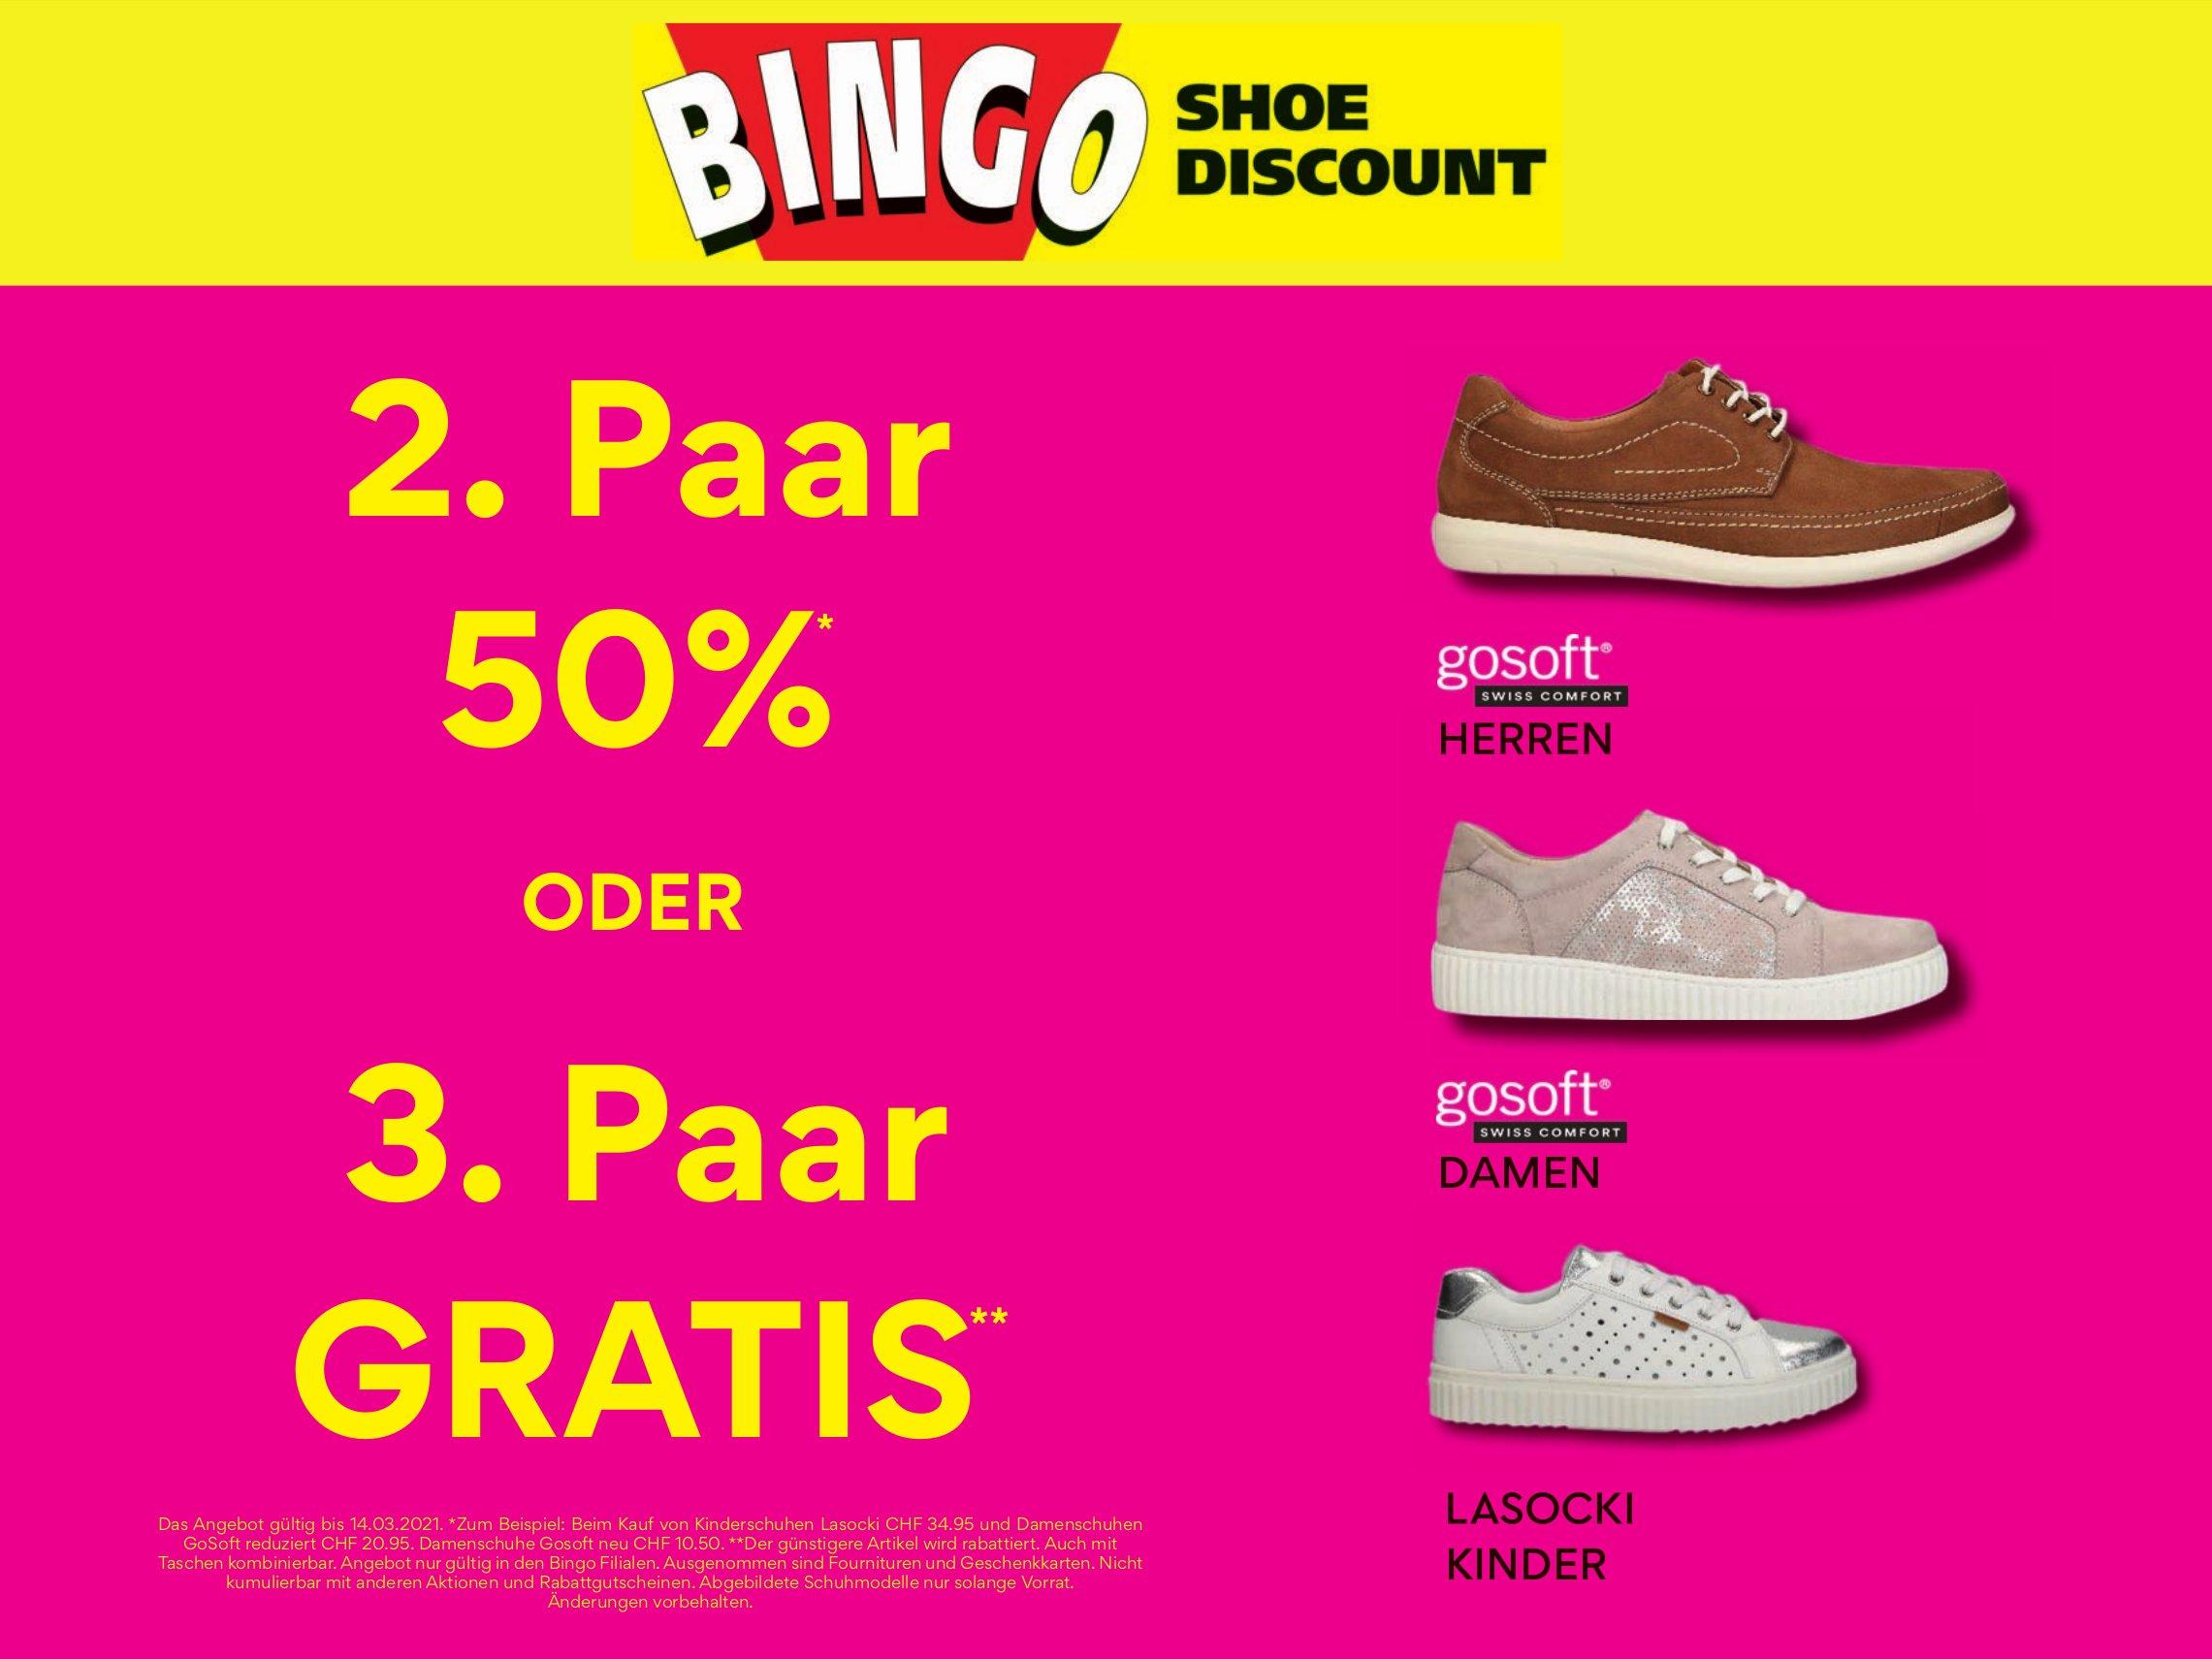 Bingo Shoe Discount - 2. Paar 50 %